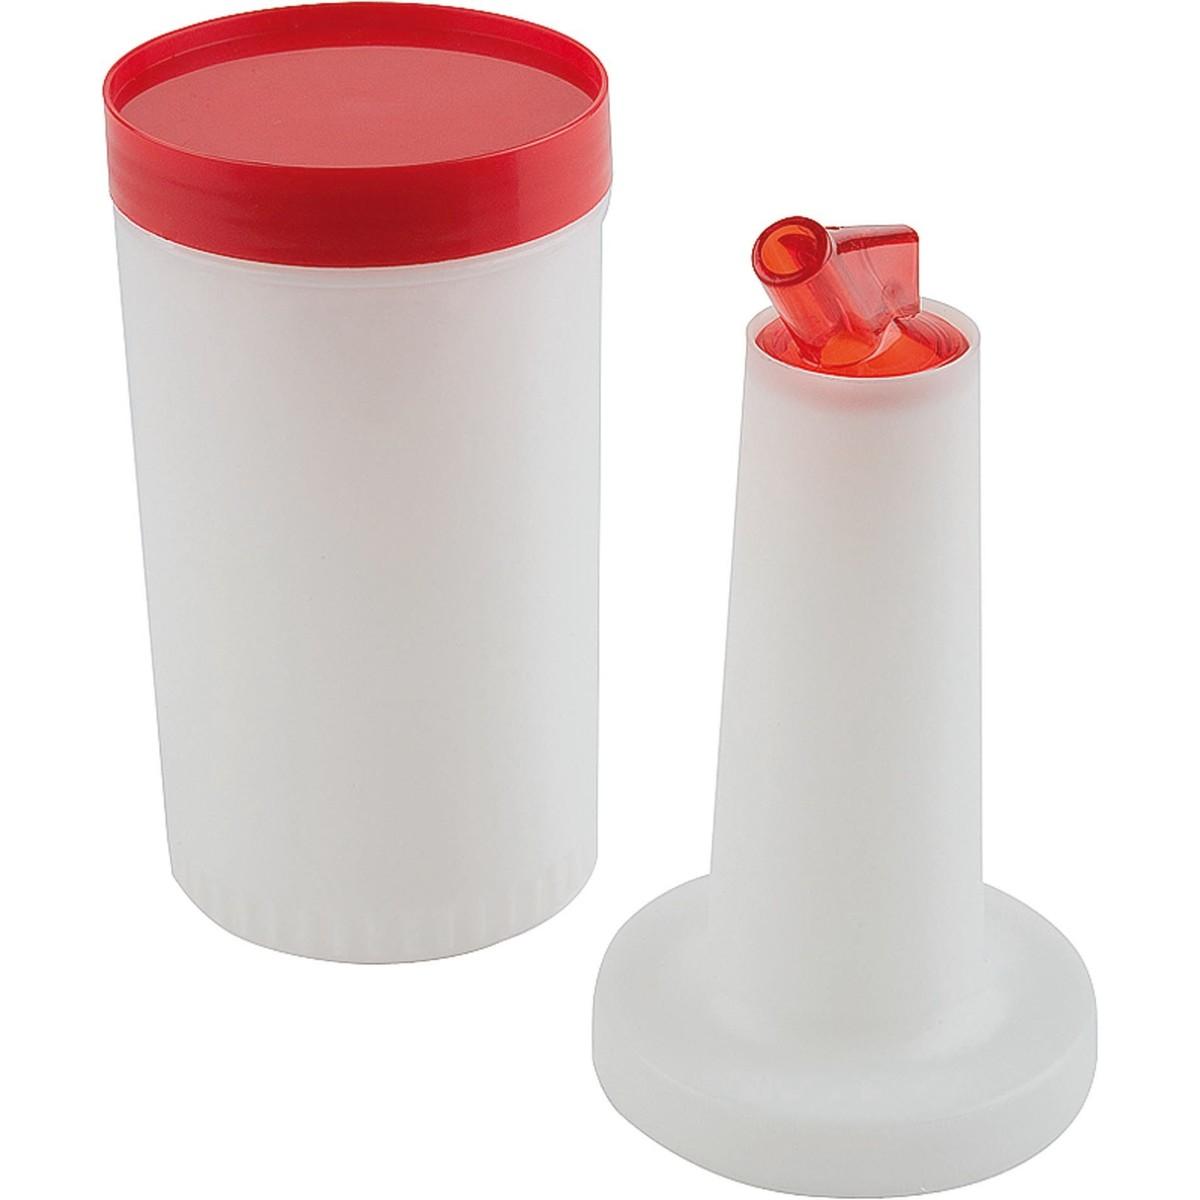 Dosier- und Vorratsbehälter rot